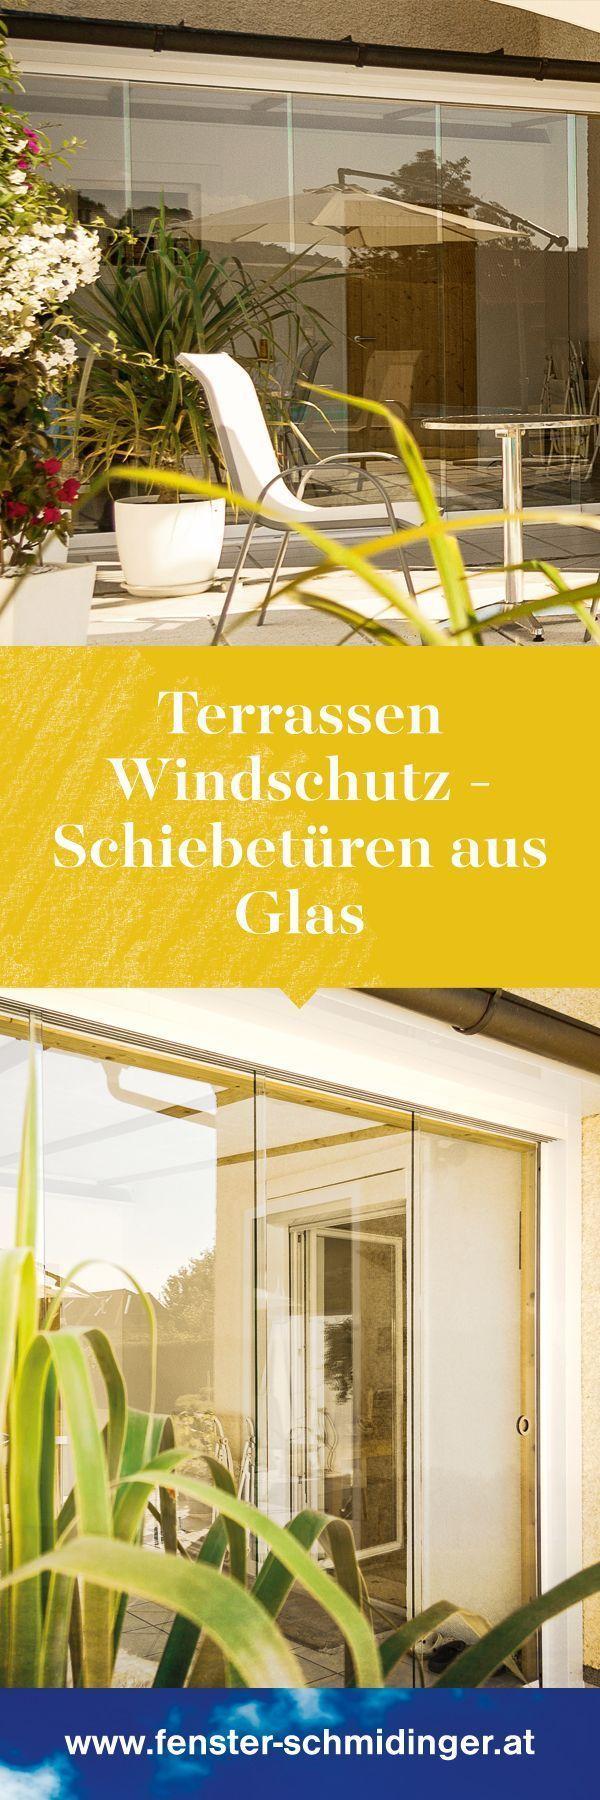 Glasschiebesysteme Fur Terrassen Von Sunflex In Osterreich Montiert